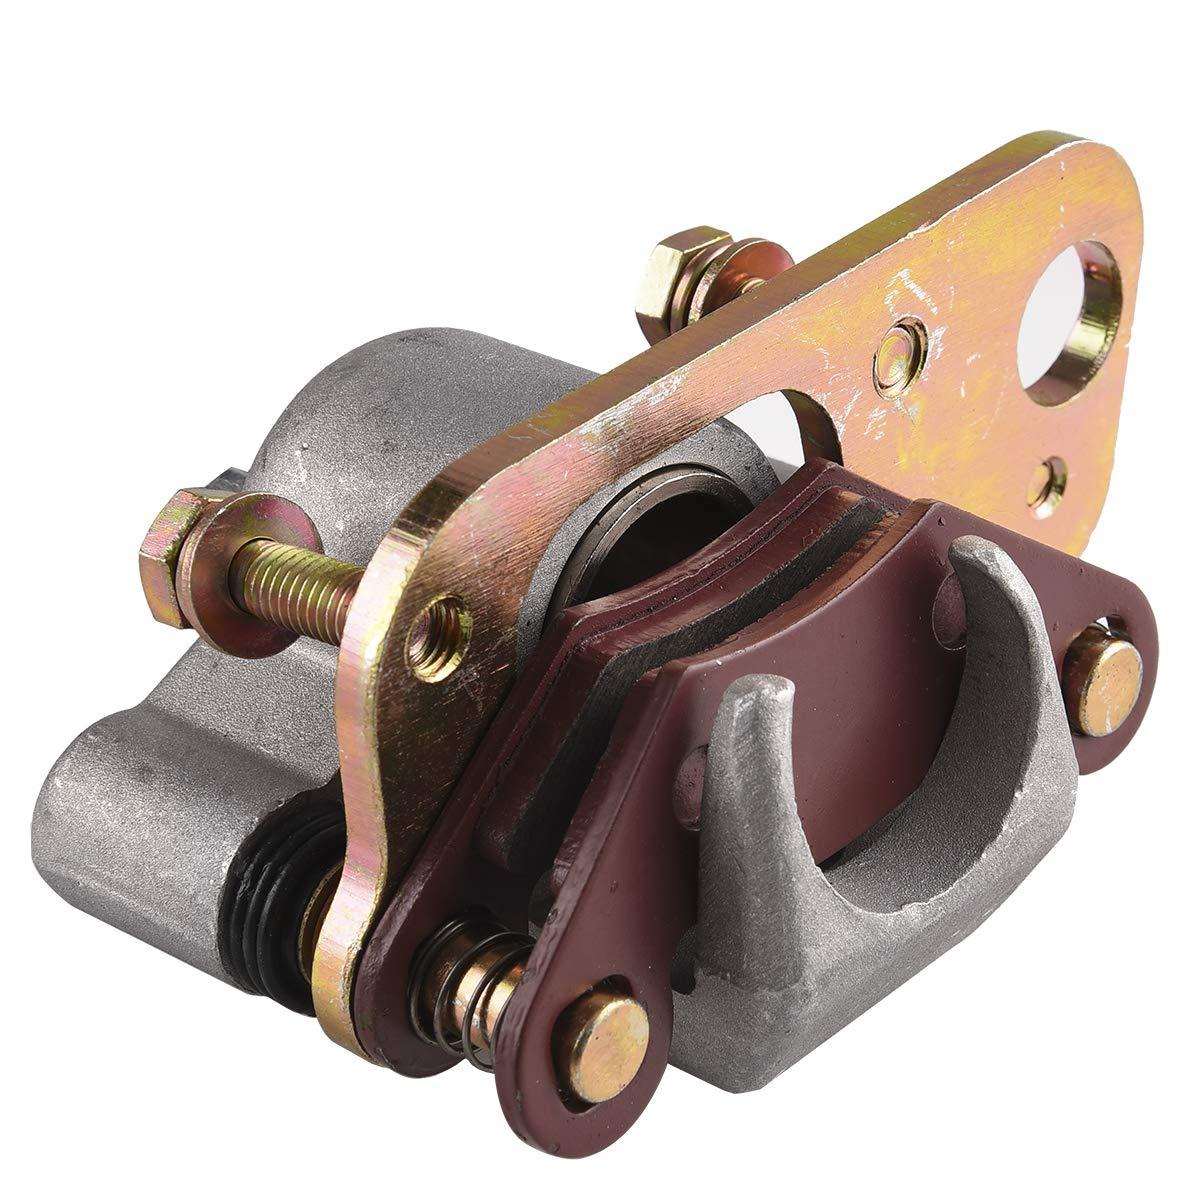 Calibrador de Freno Delantero Izquierdo para Polaris Scrambler 500 4X4 INTL 2X4 4X4 RUHUO